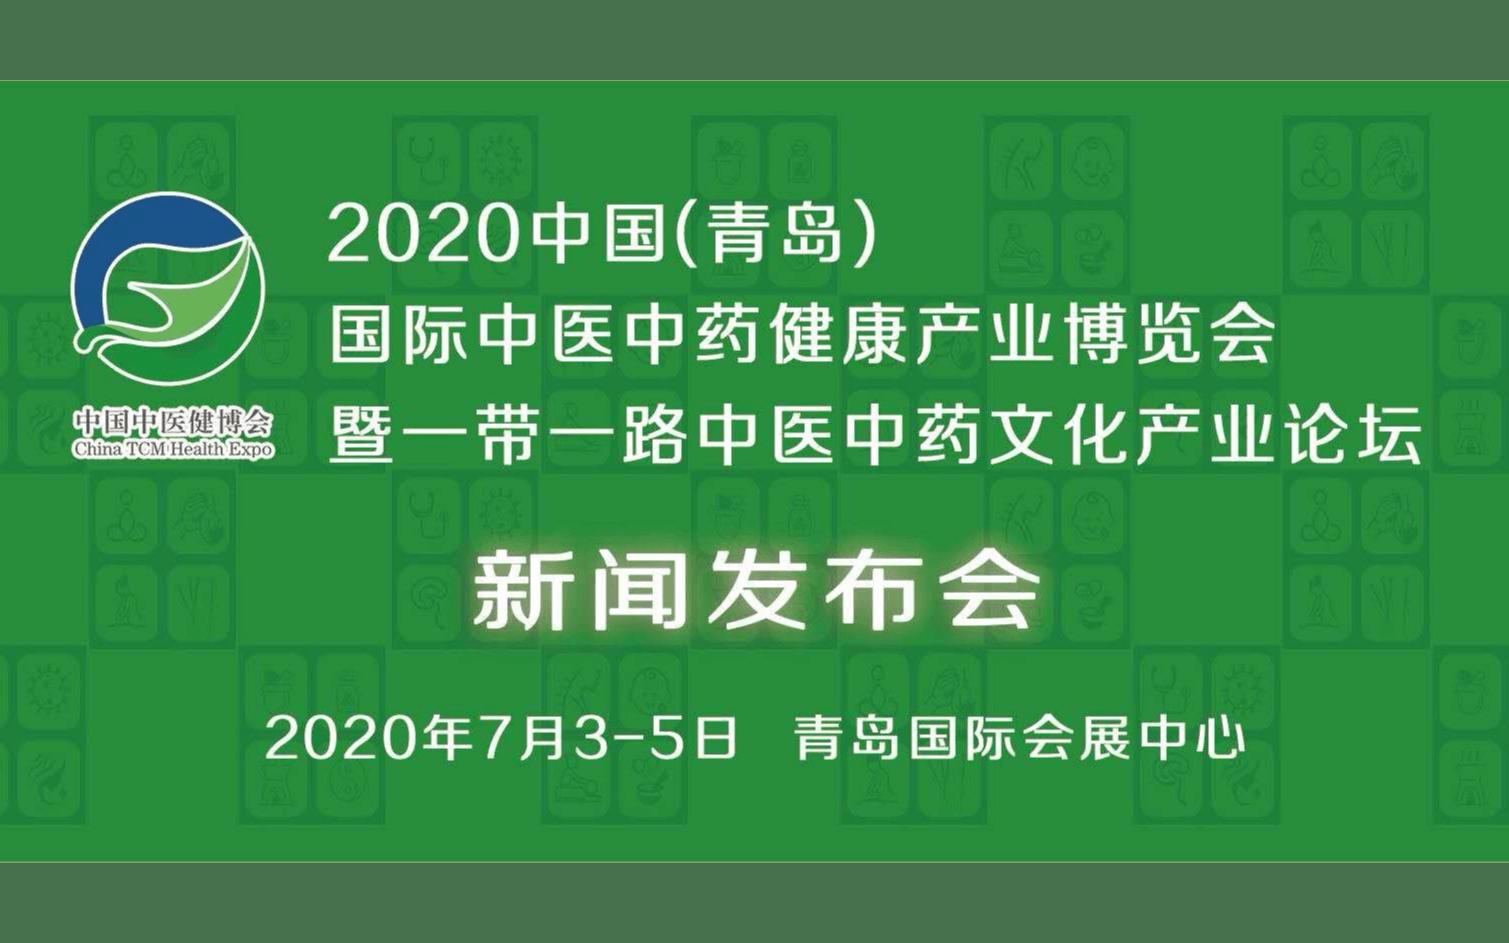 2020中國山東(青島)國際中醫中藥健康產業博覽會暨一帶一路中醫中藥文化產業論壇